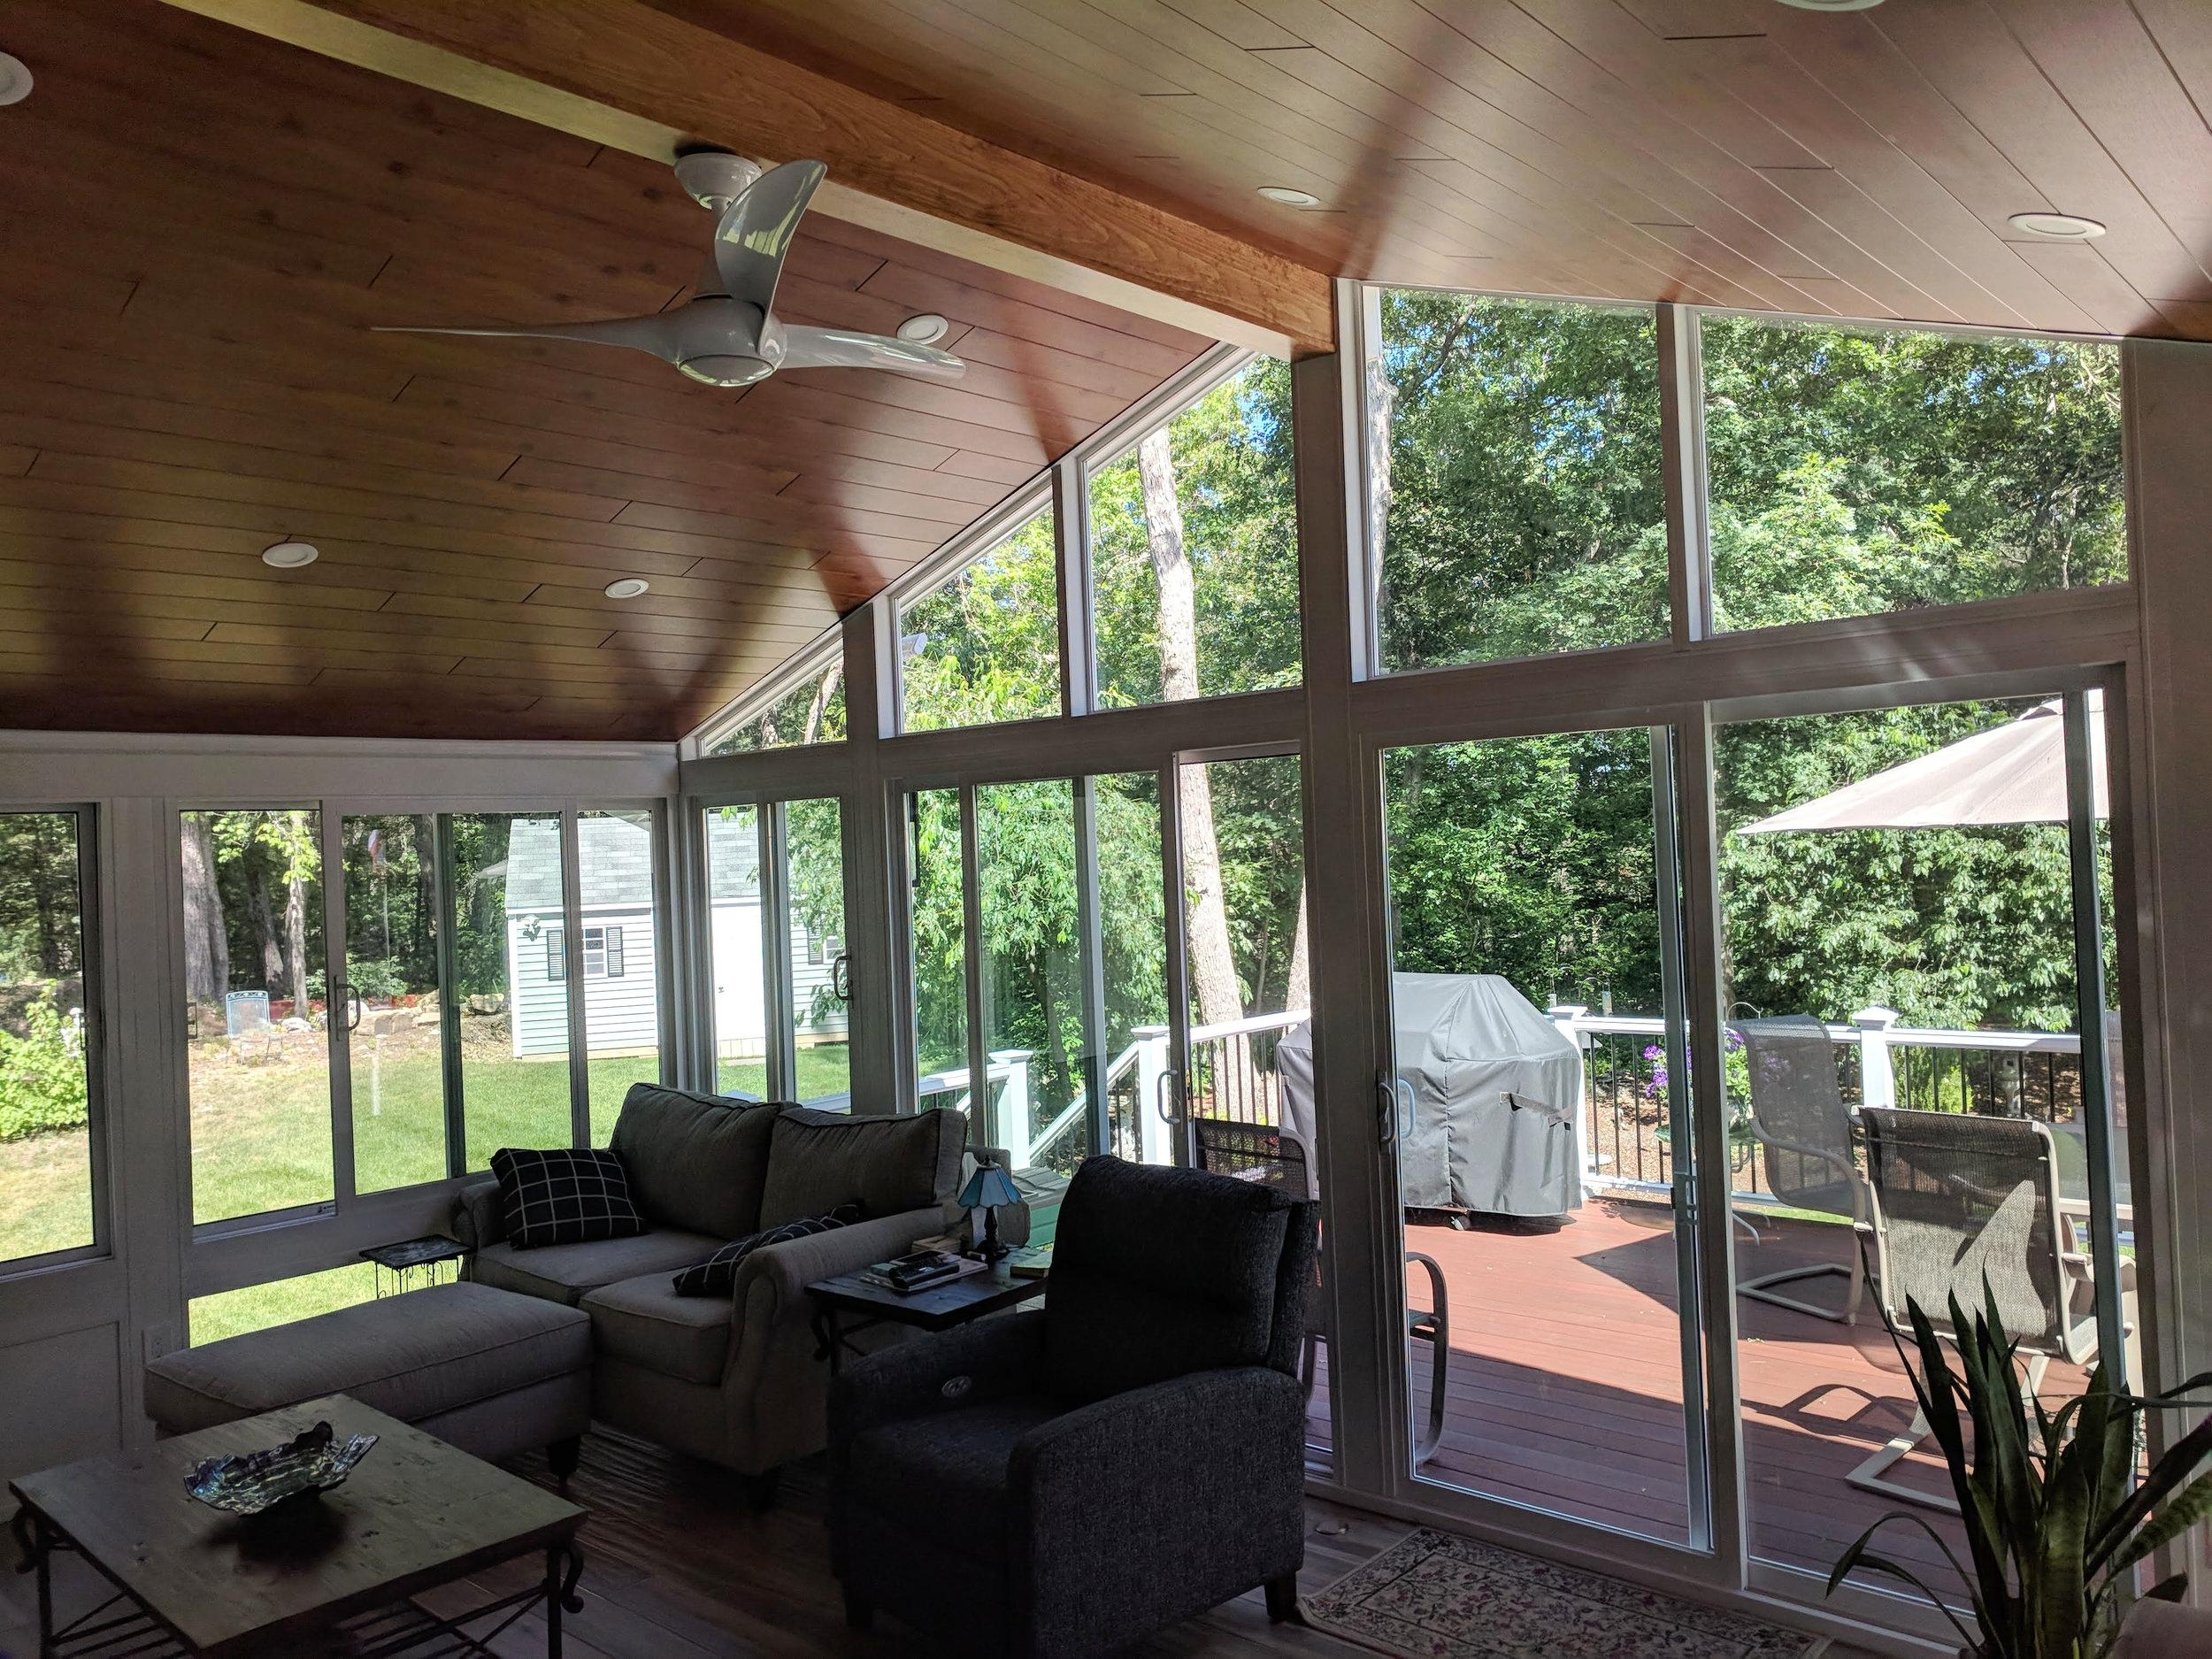 Sunroom Contractor in New Hampshire